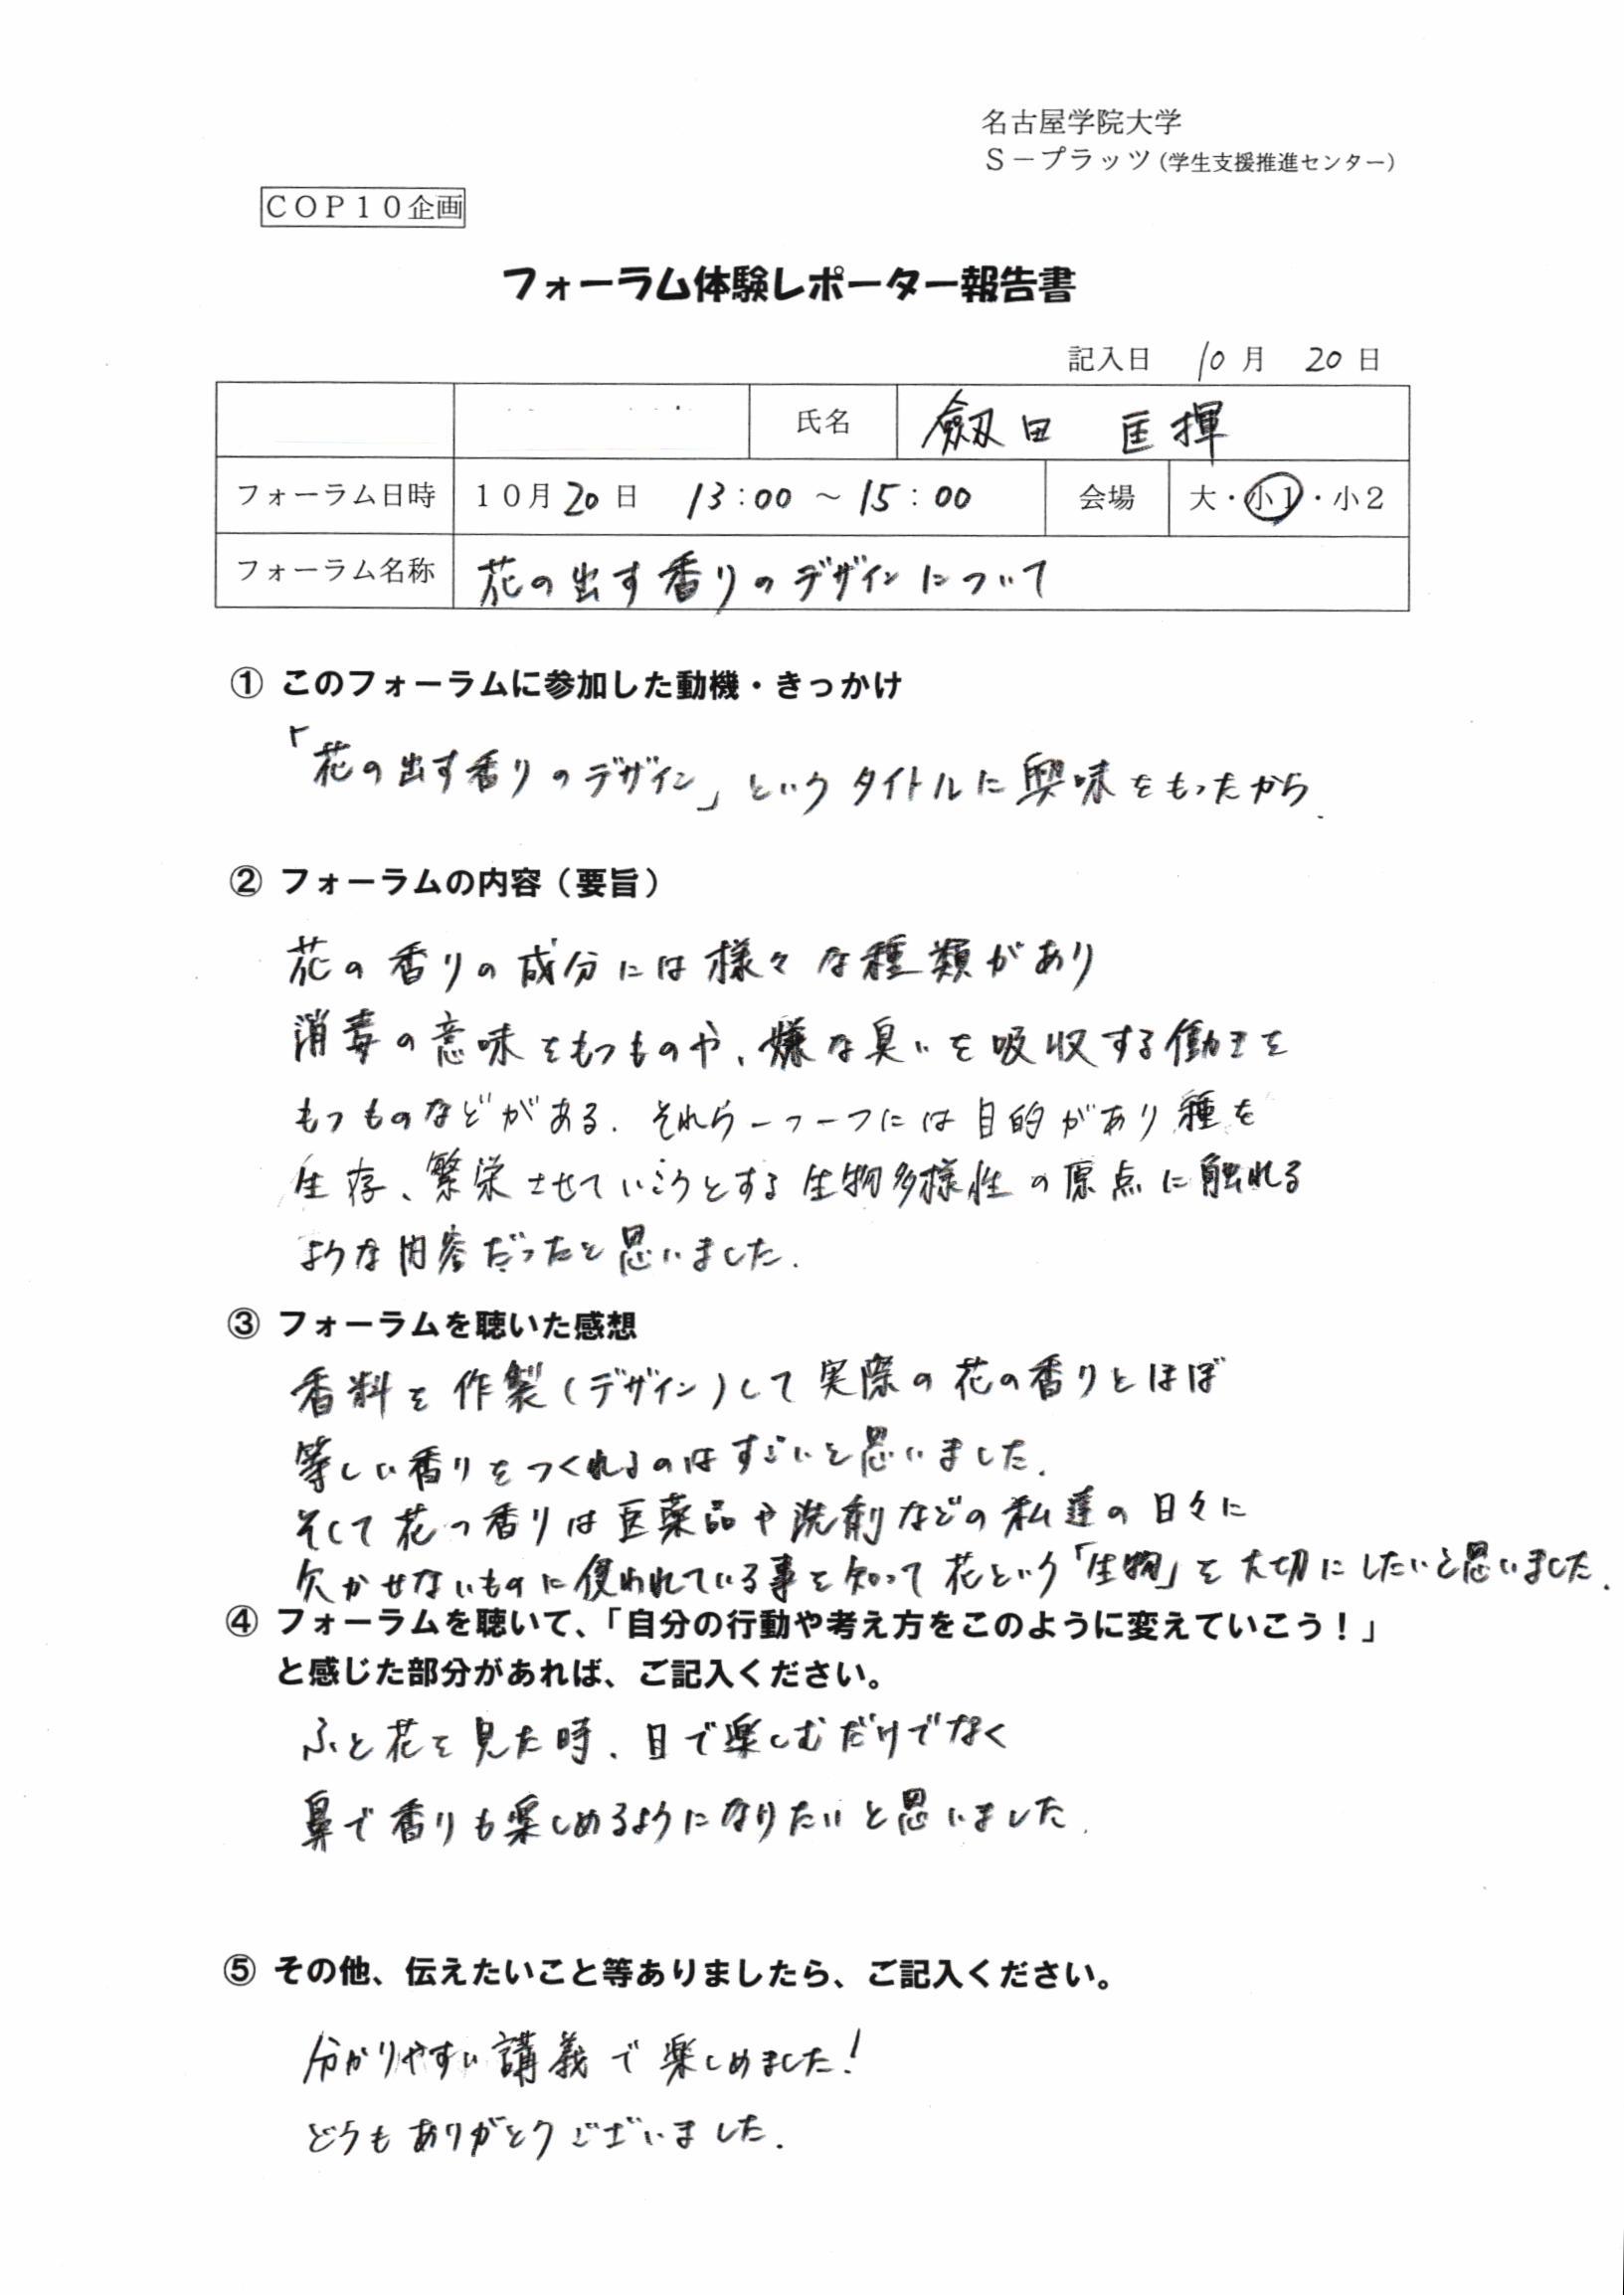 フォーラム体験レポーター報告劔田